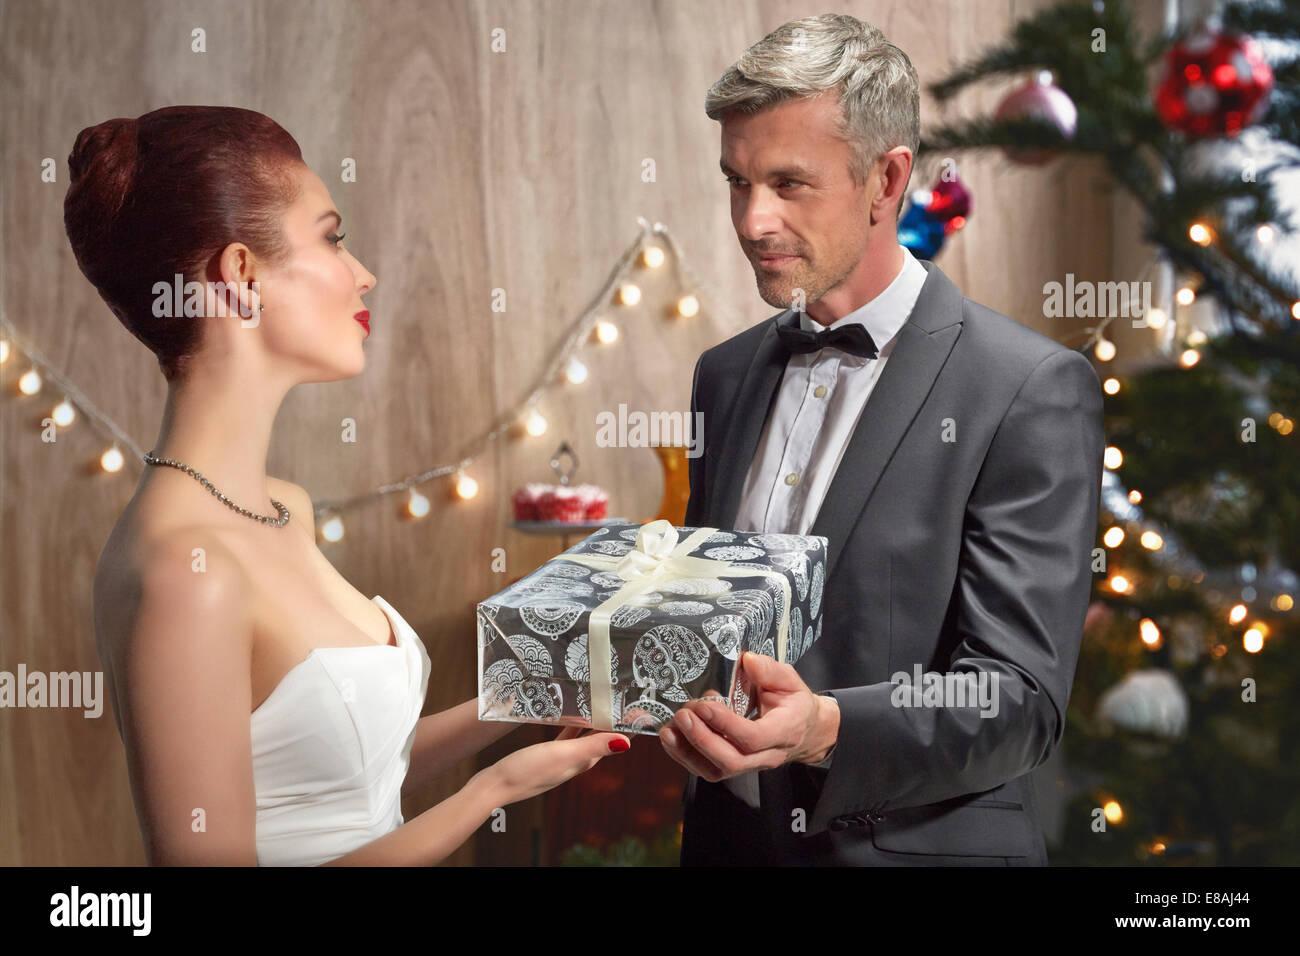 Mari et femme avec cadeaux de Noël Photo Stock